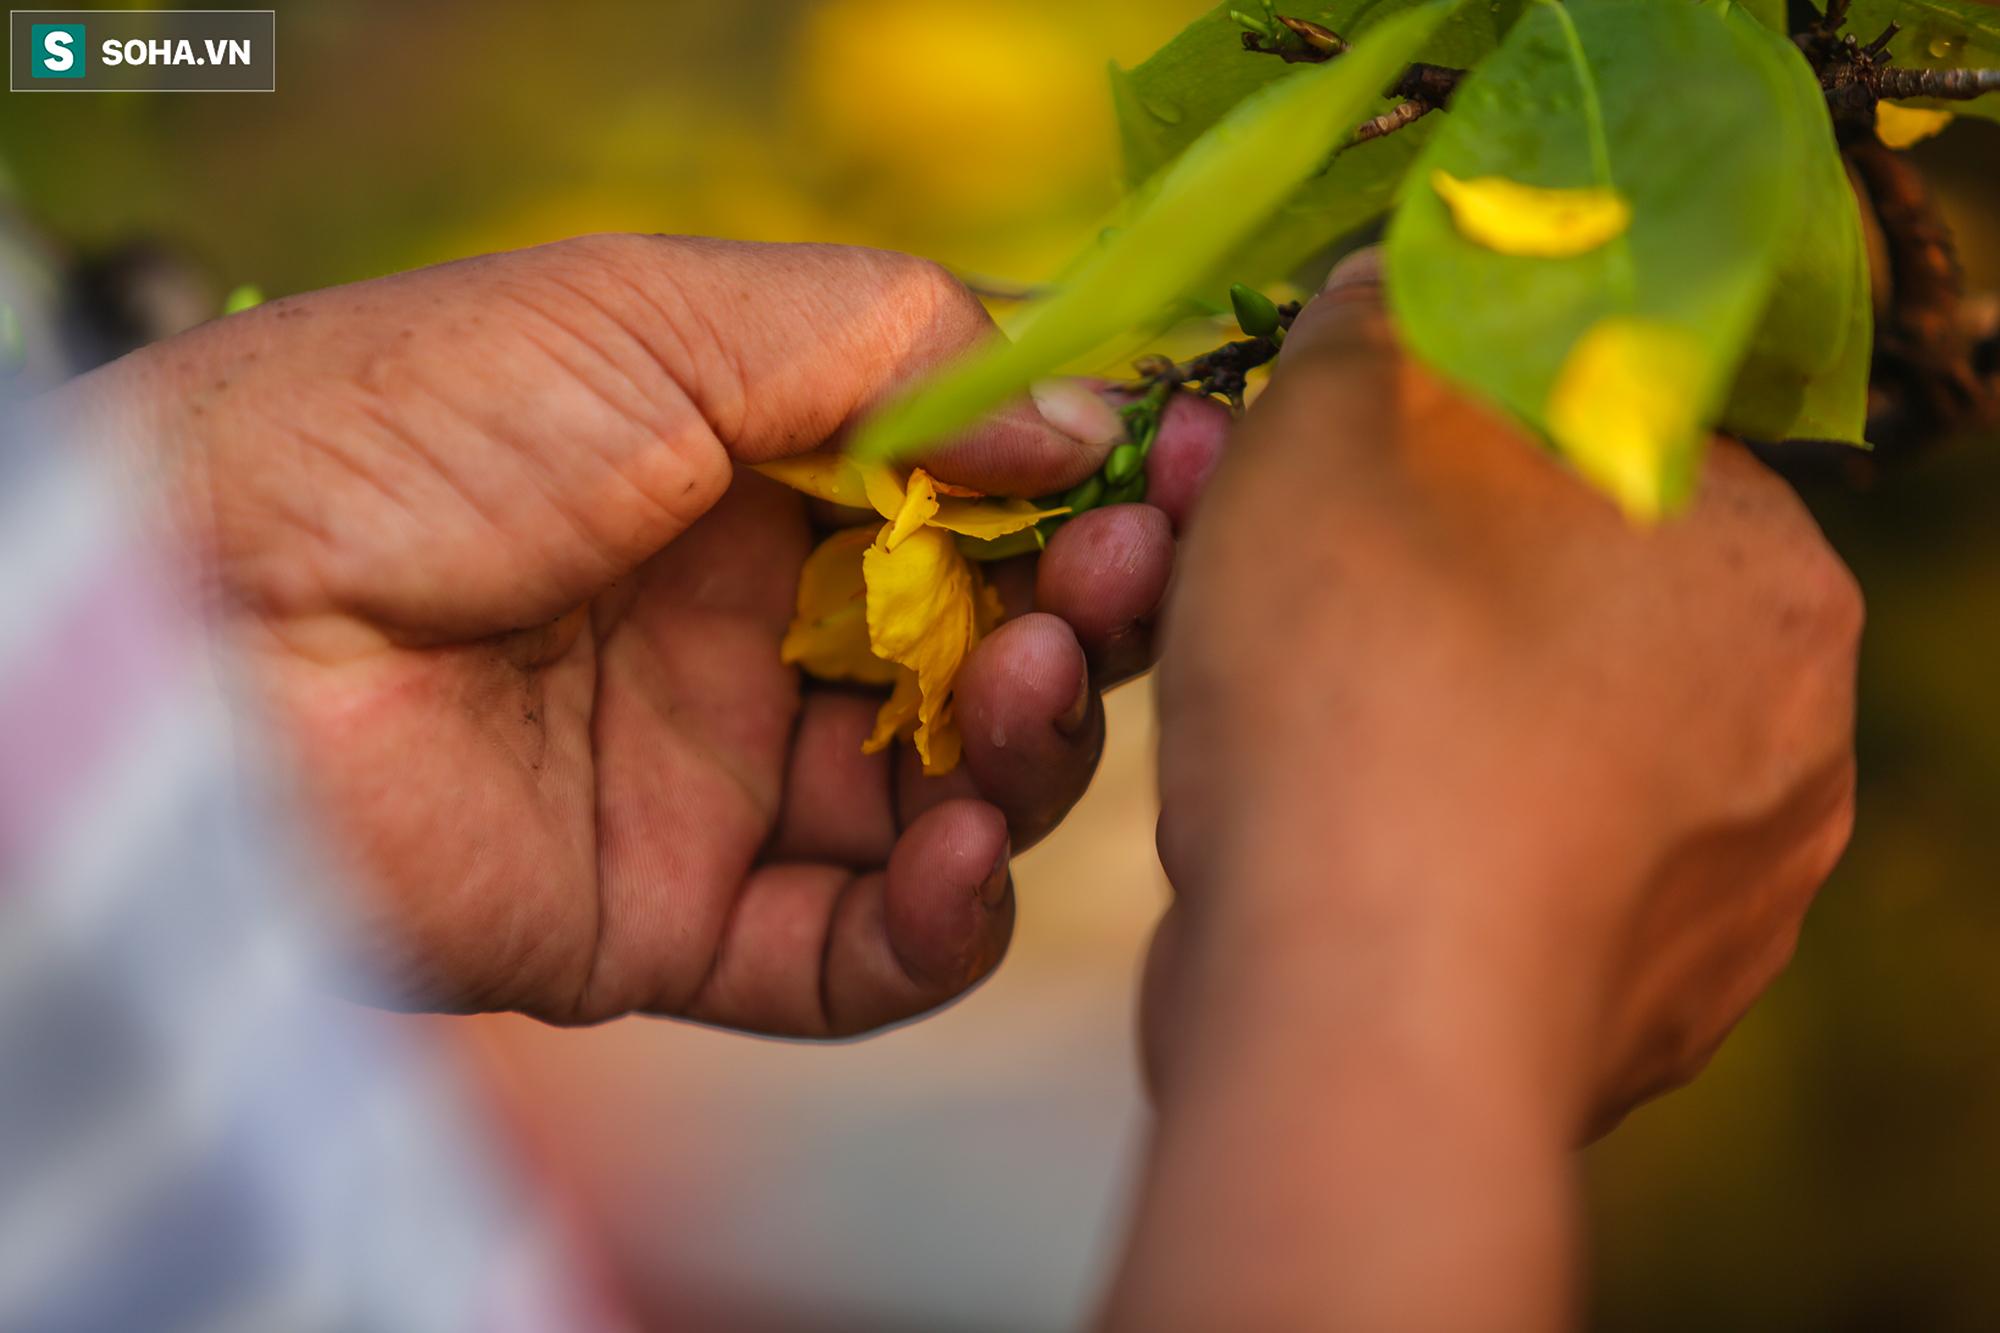 [Ảnh] Hàng nghìn cây mai nở sớm trước Tết cả tháng, chủ vườn mất trắng 15 tỷ đồng - Ảnh 6.